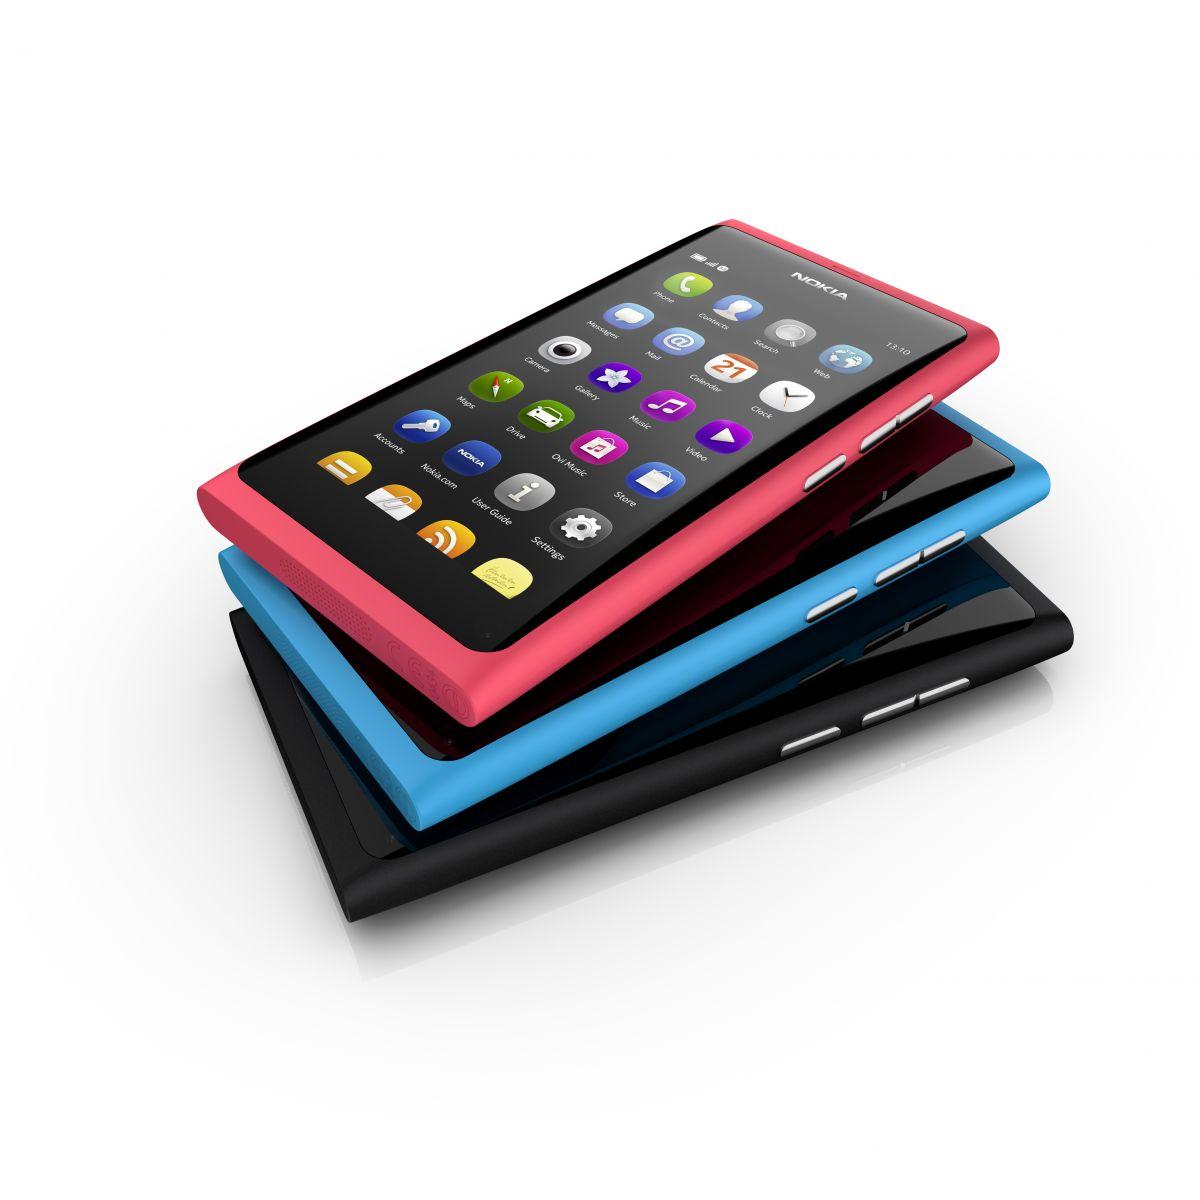 Nokia N9 - Magenta, Cyan or Black